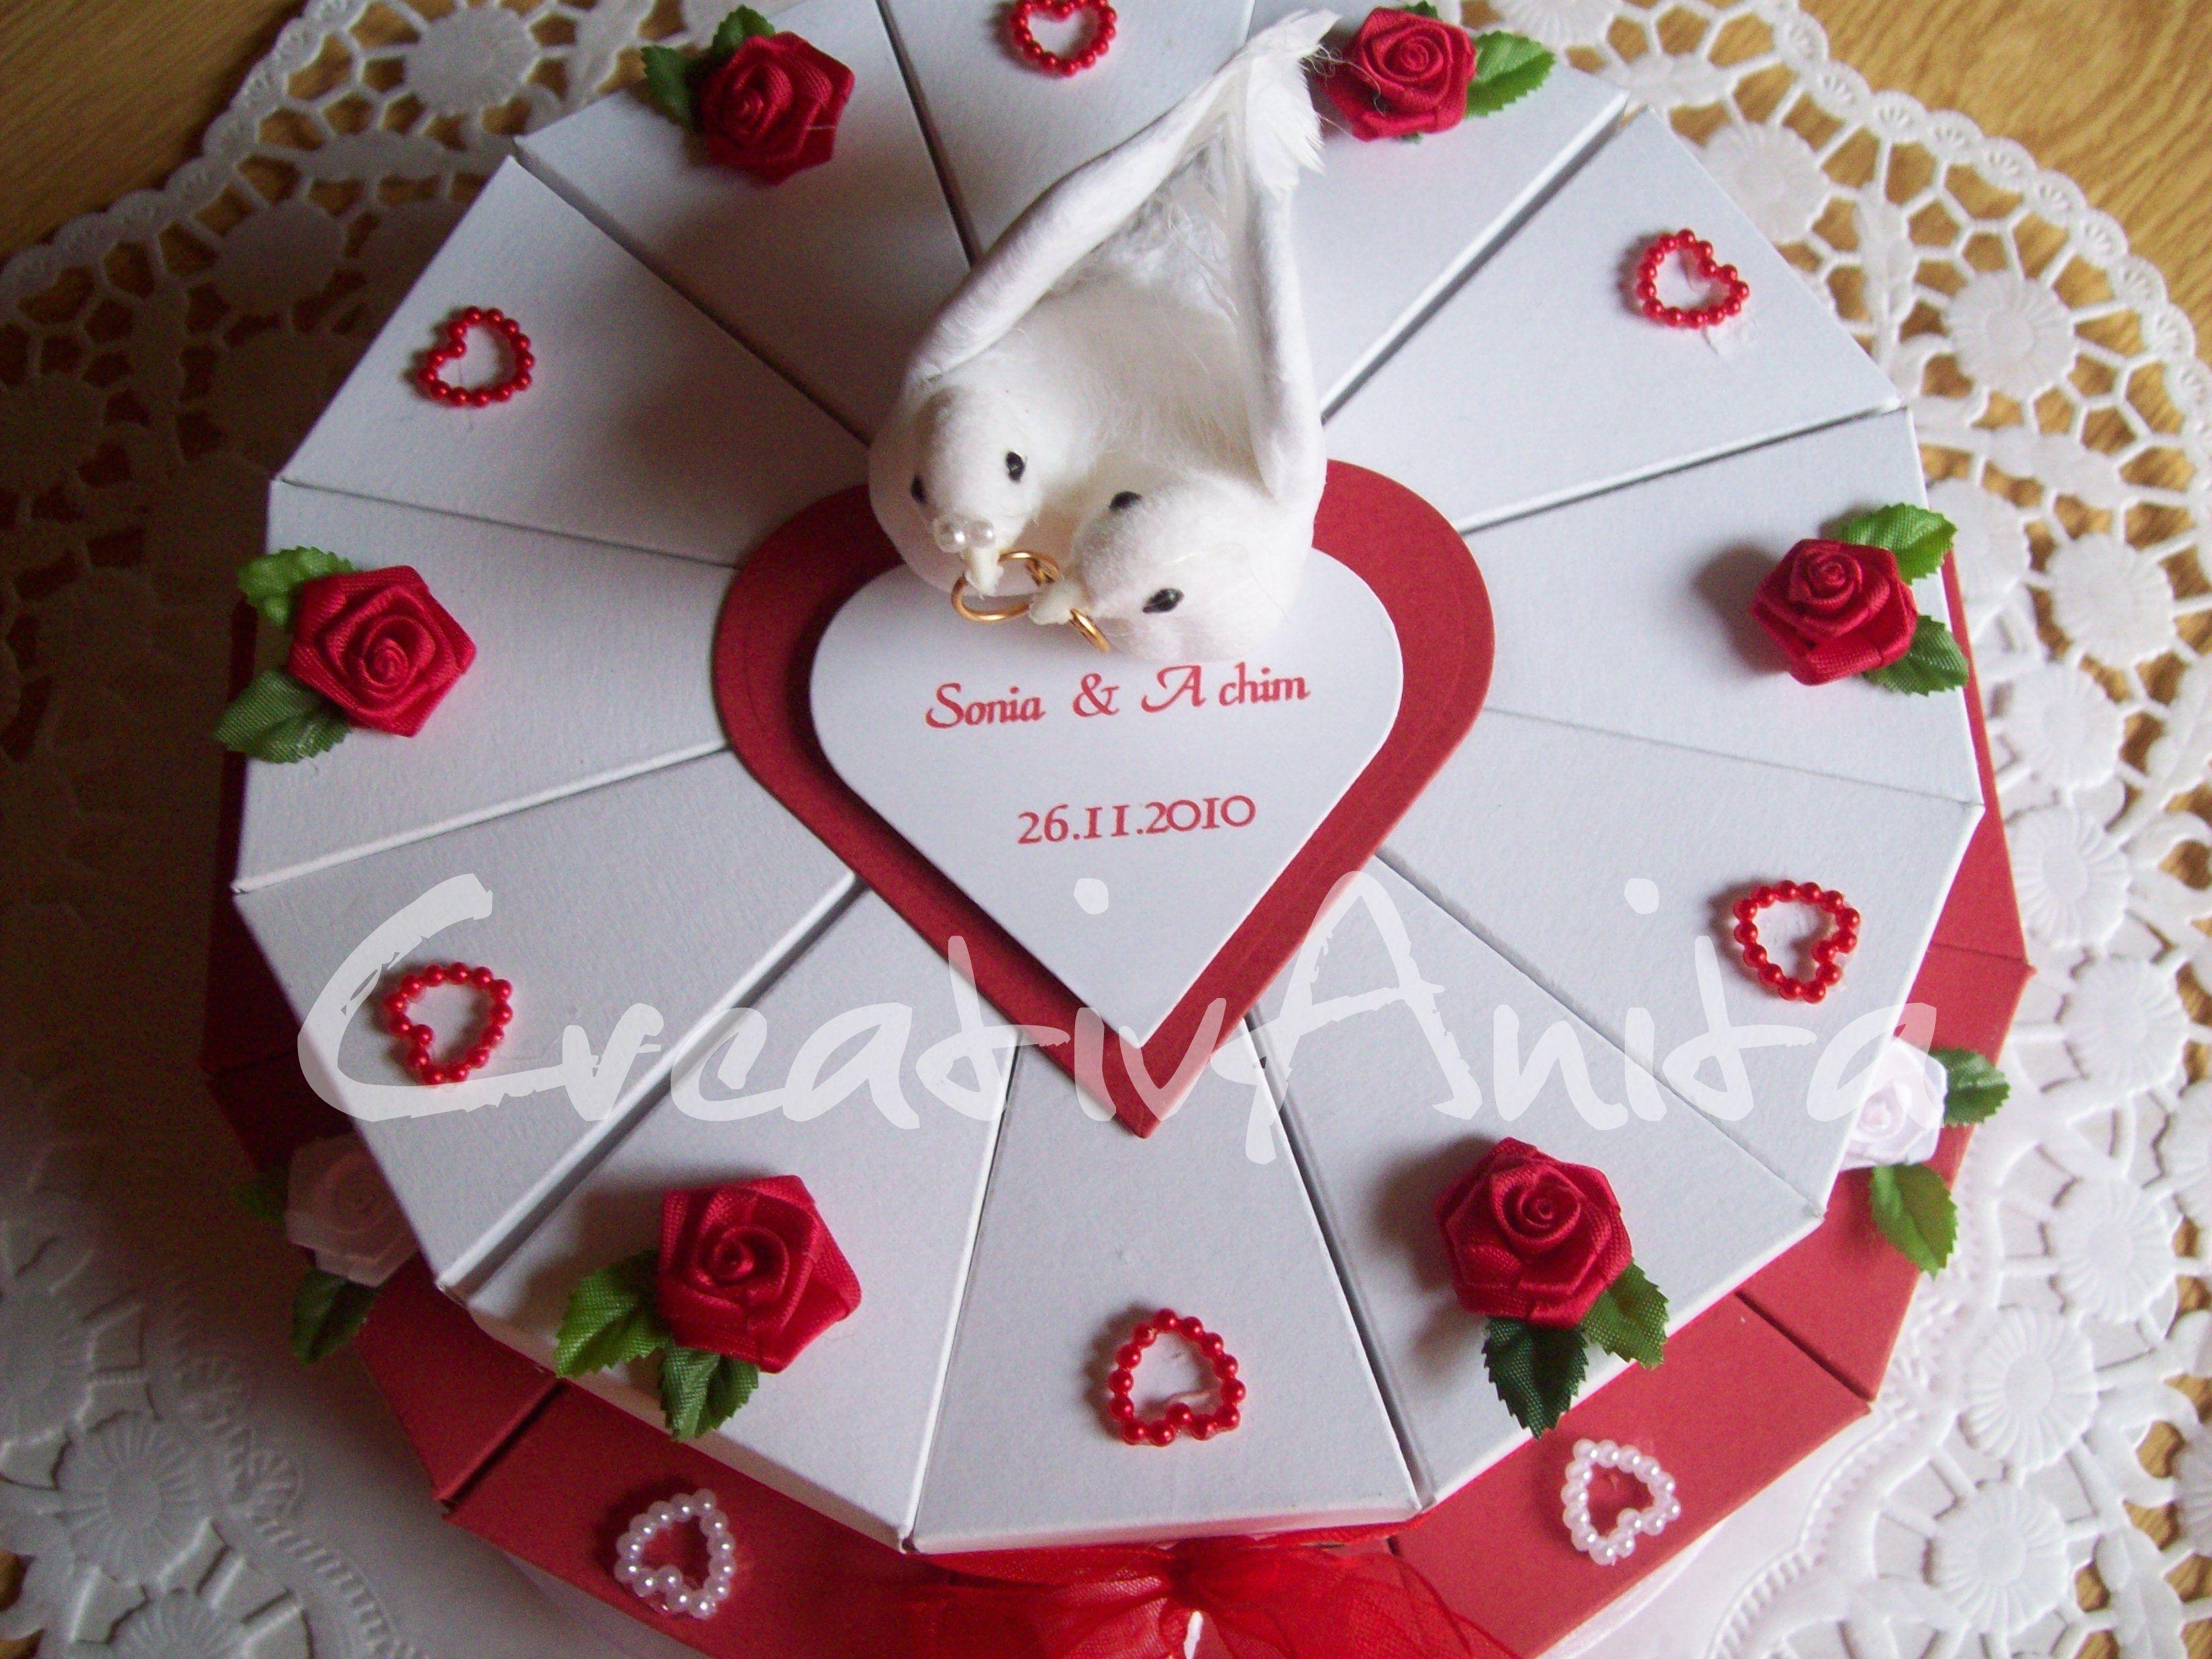 Aussergewohnliche Gastgeschenke Zur Hochzeit Geldscheine Falten